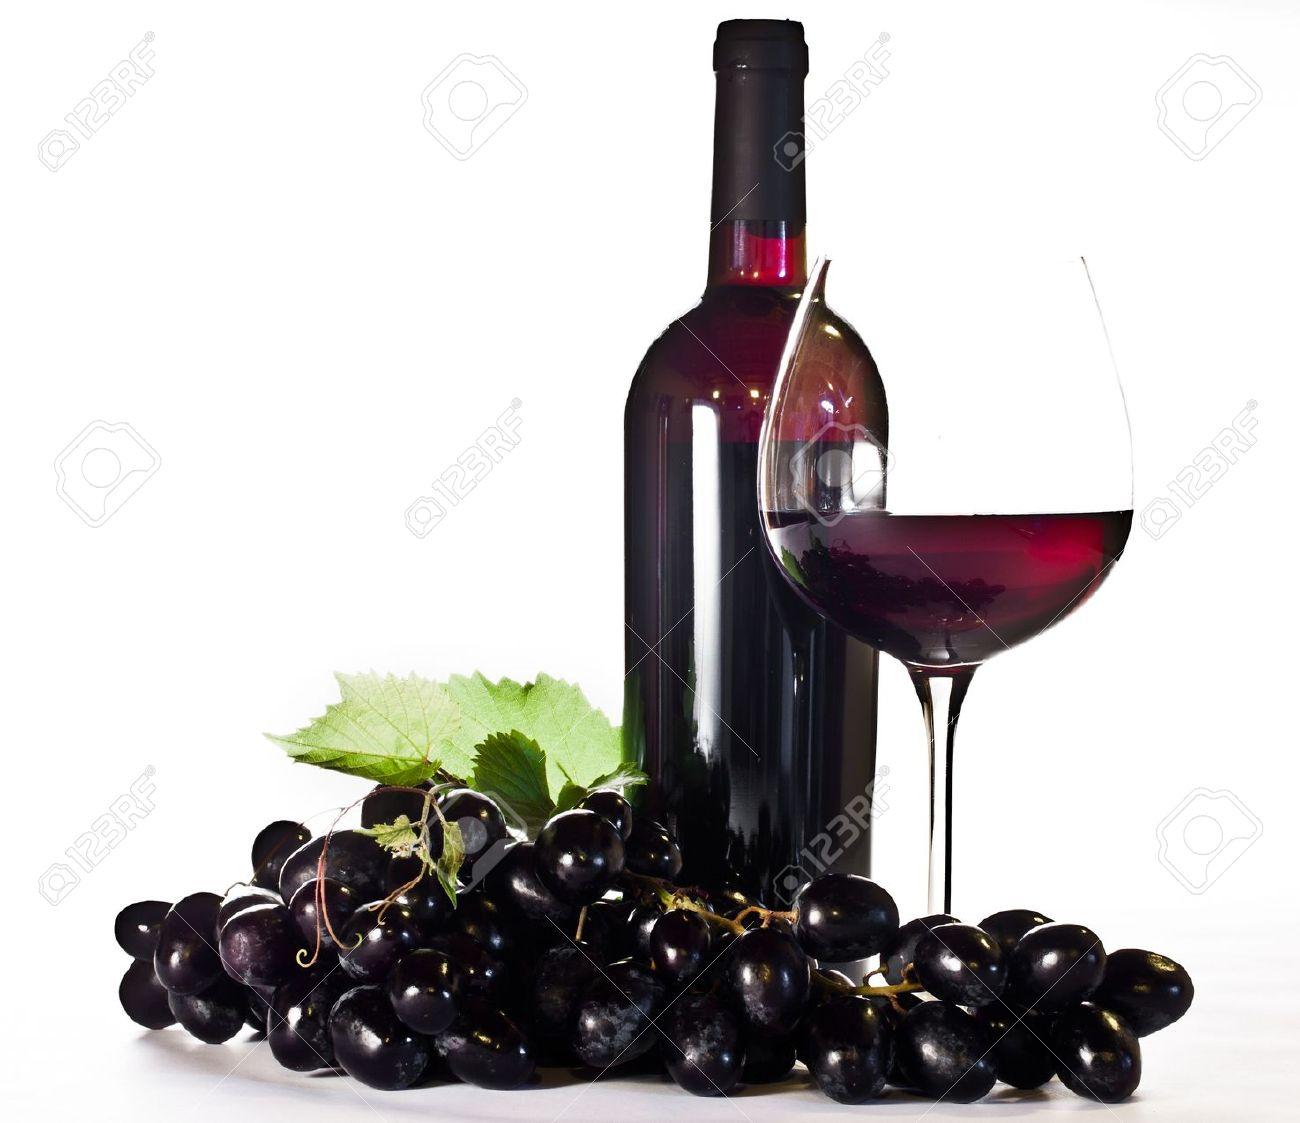 14678992 Botella De Vino Tinto El Cristal Y Las Uvas Negras Foto De Archivo